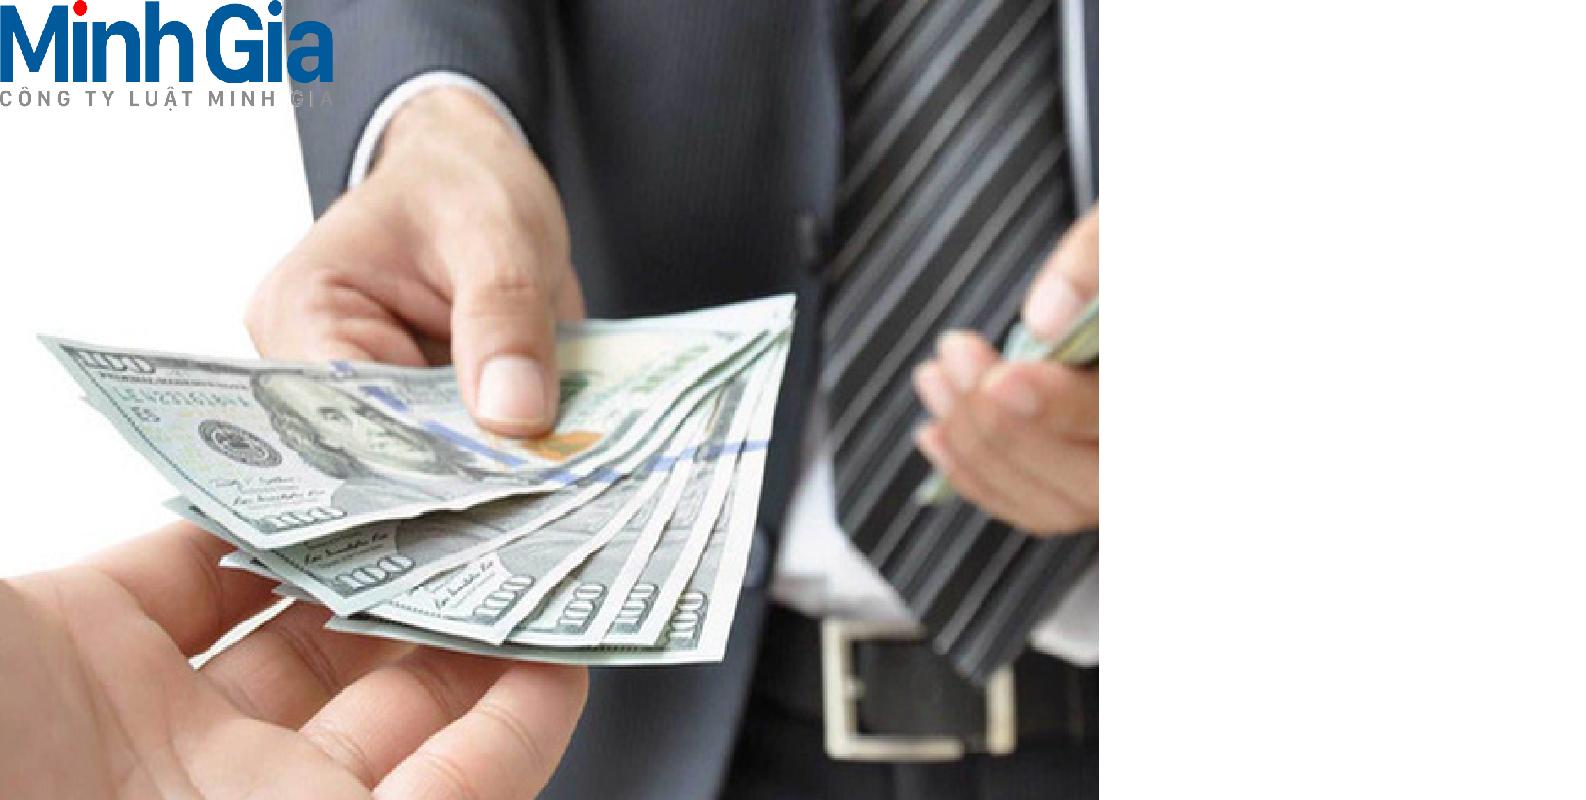 Cho bạn mượn tài khoản ngân hàng để nhận tiền có phải trả nợ thay bạn?